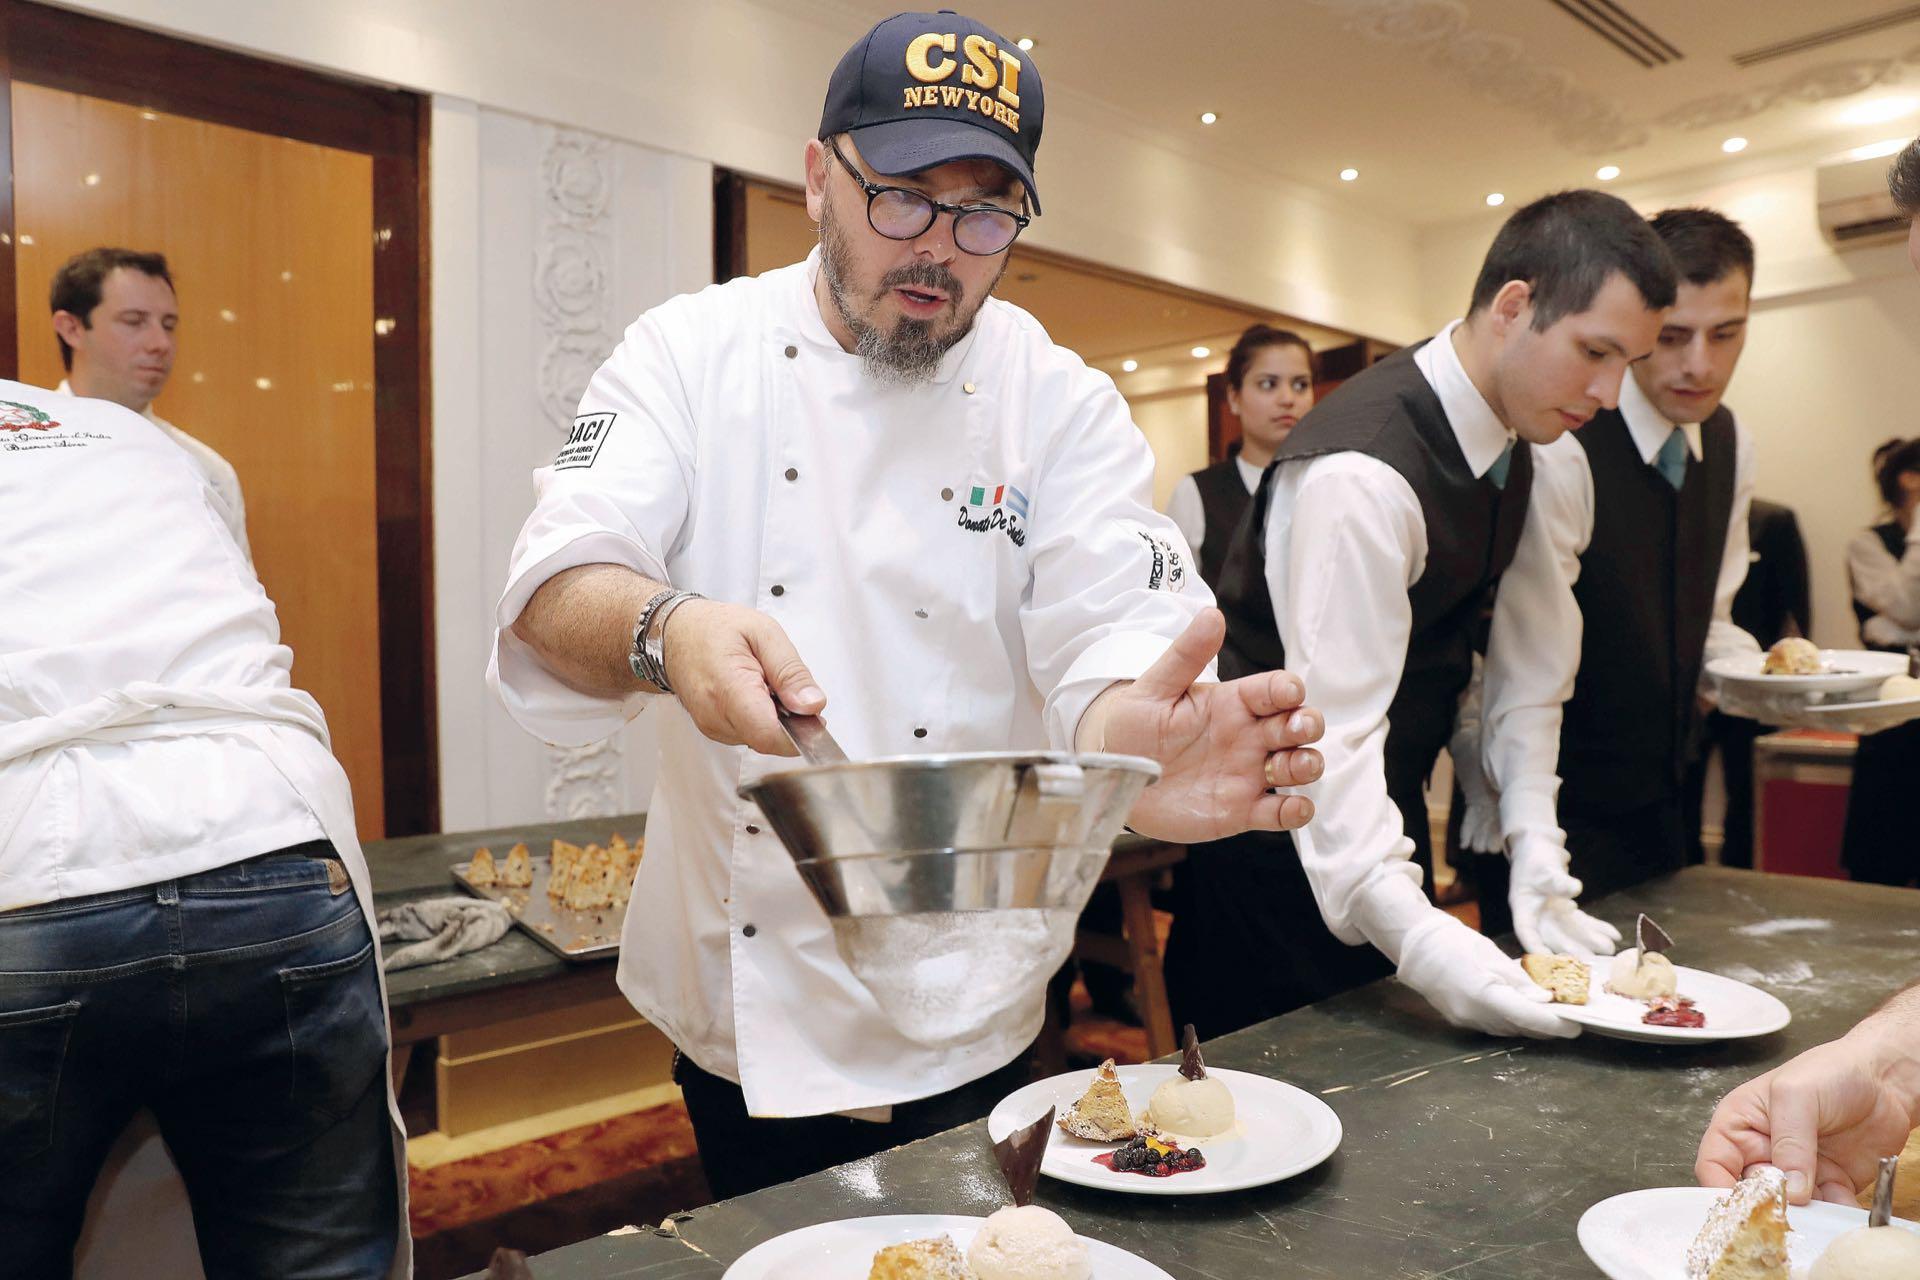 Donato espolvorea la pasticceria, que llegará después de la cena. Foto: francisco Trombetta/GENTE